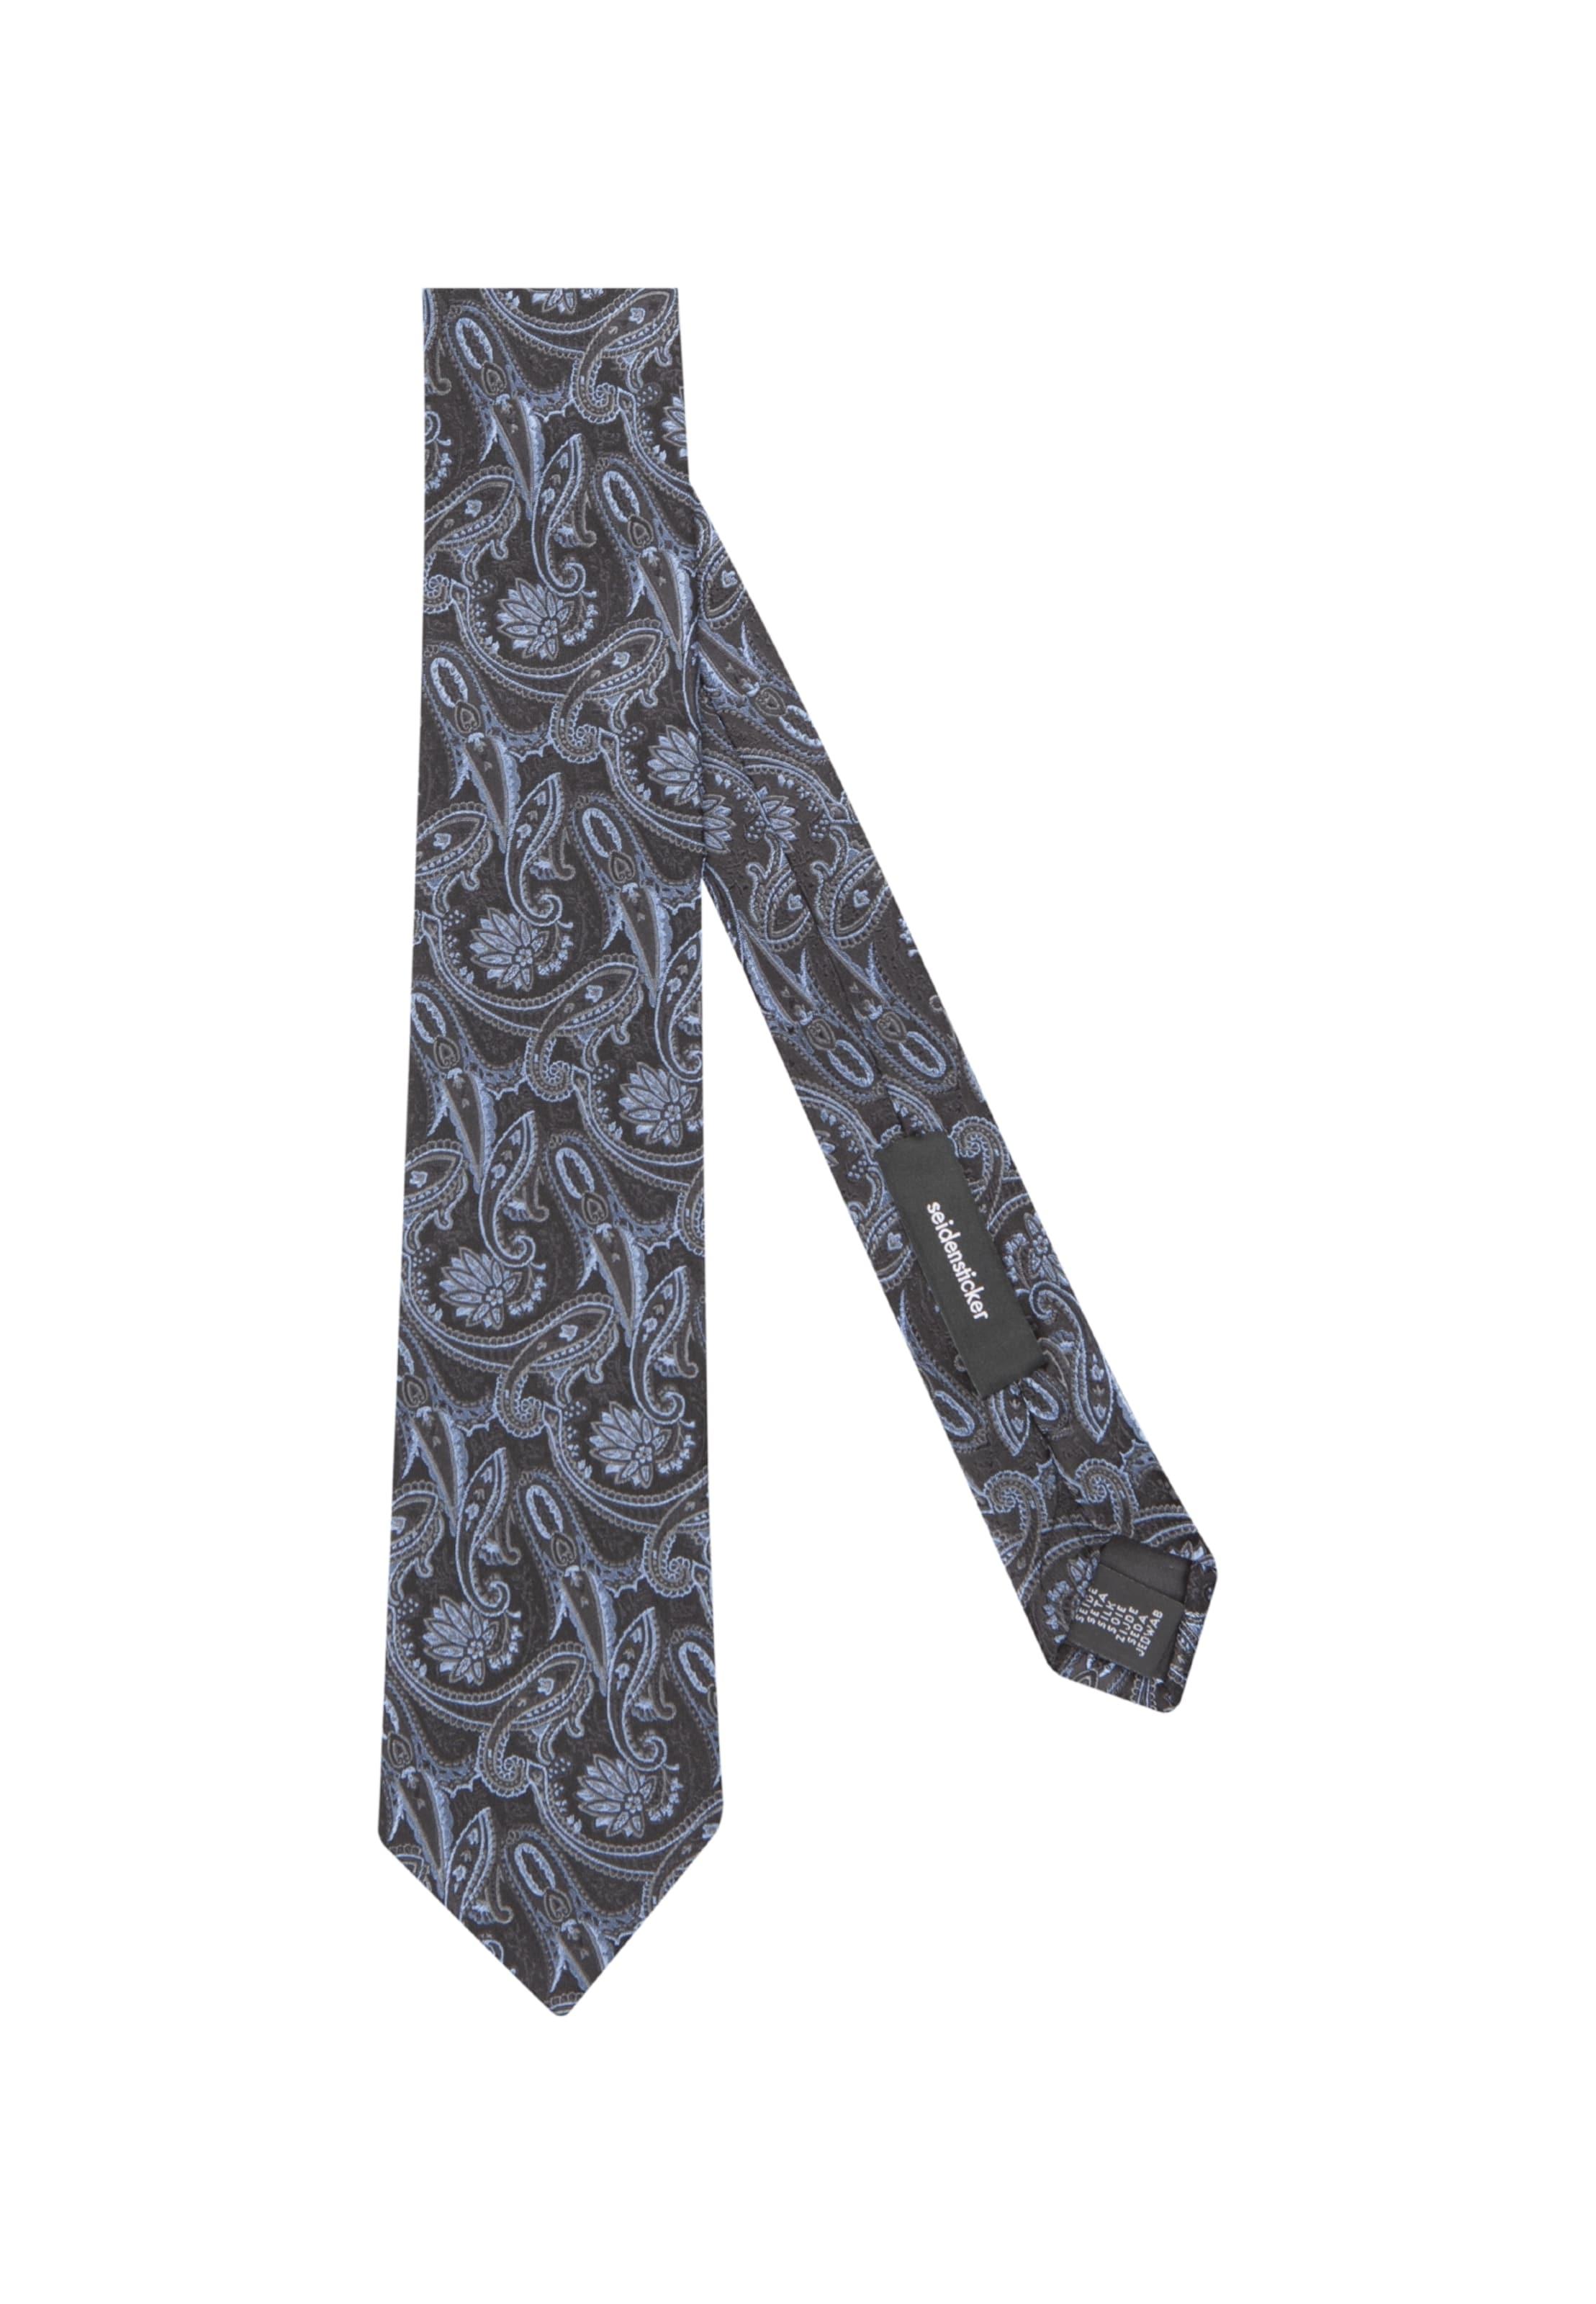 Krawatte Seidensticker BlauGrau 'schwarze Rose' In dWBQxorCe